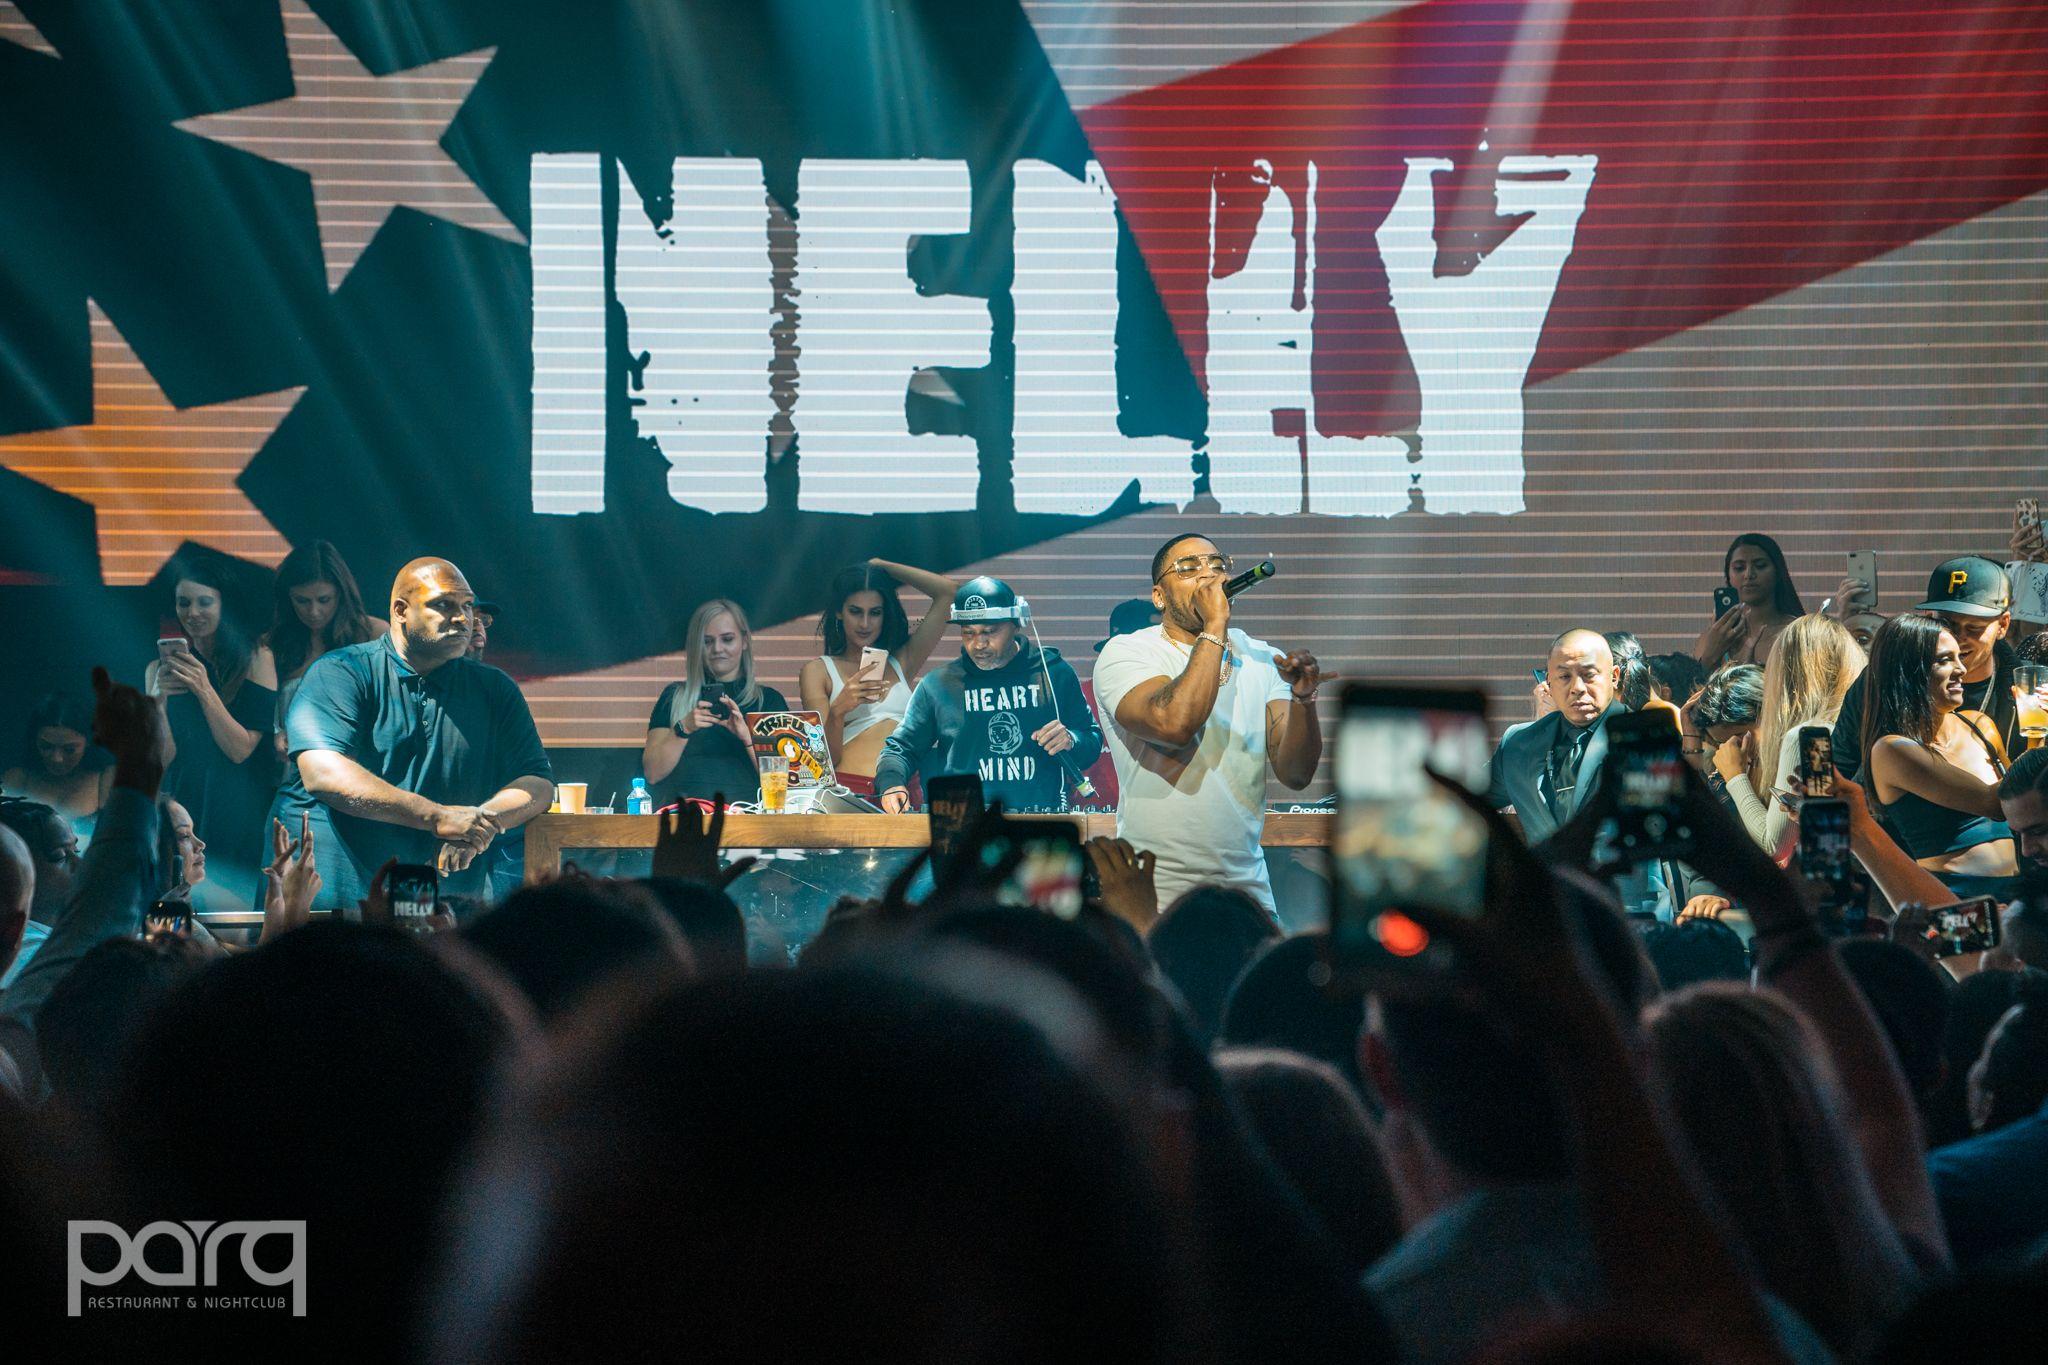 05.25.18 Parq - Nelly-31.jpg